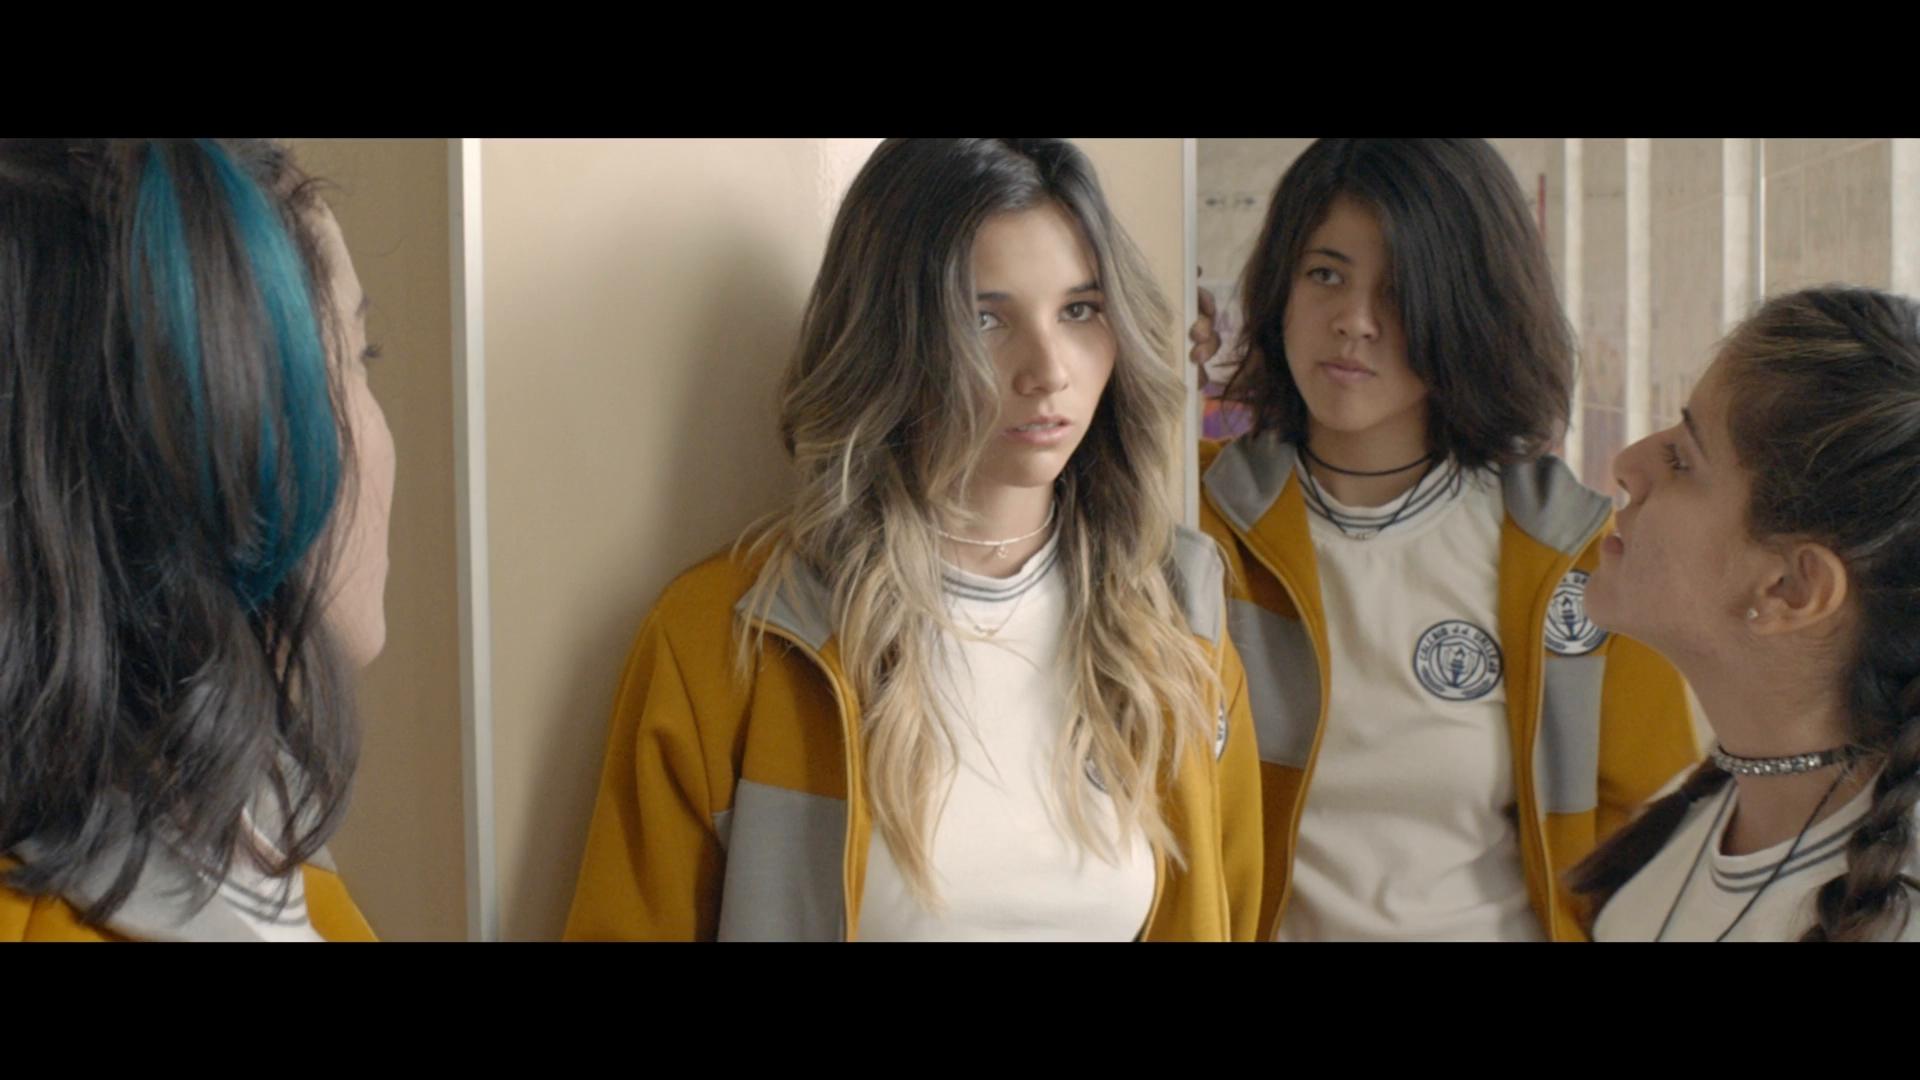 ¡Ánimo juventud! (2020) 1080p WEB-DL Latino